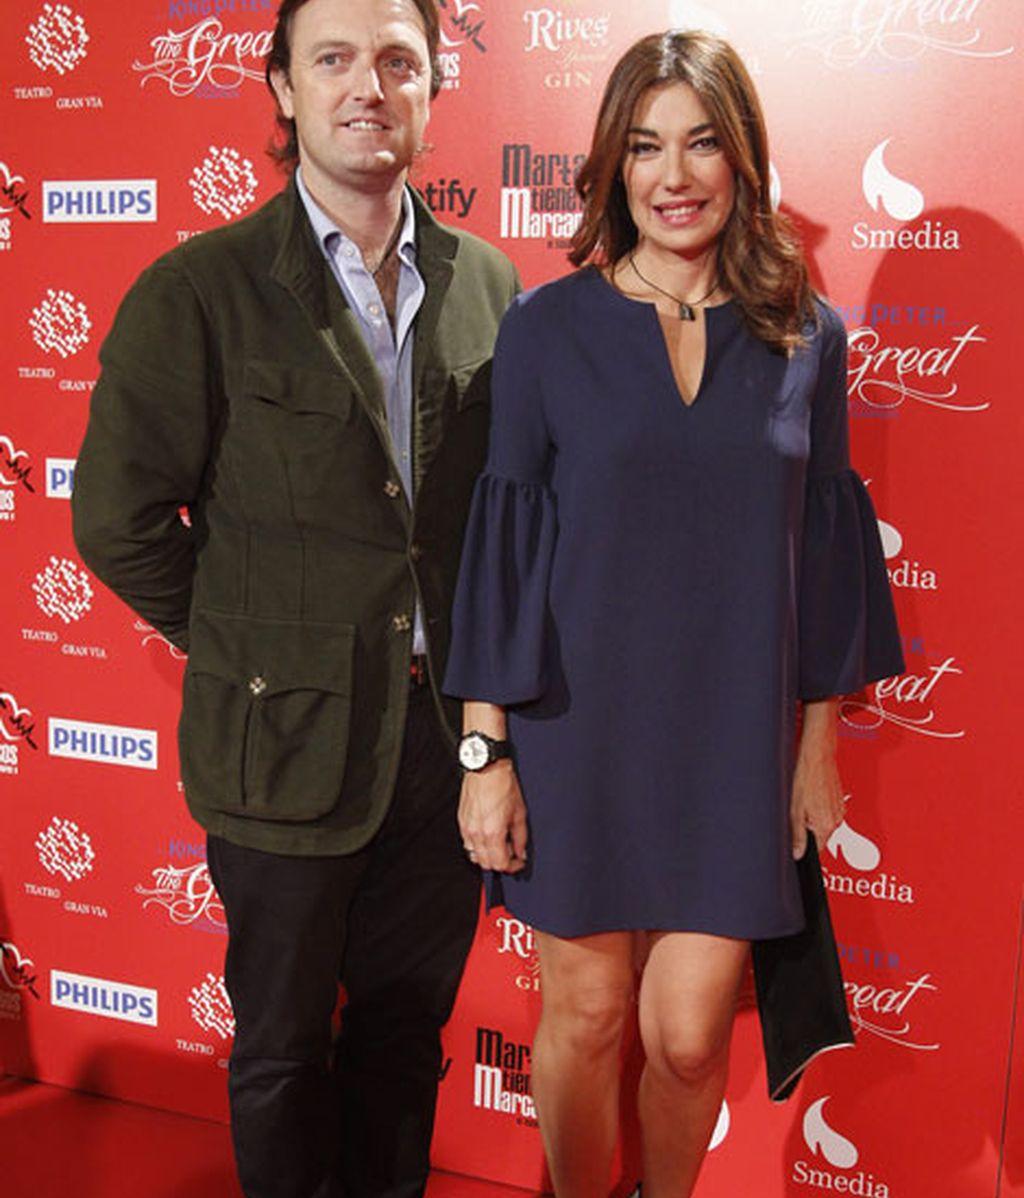 La modelo Raquel Revuelta junto a Raúl Gracia